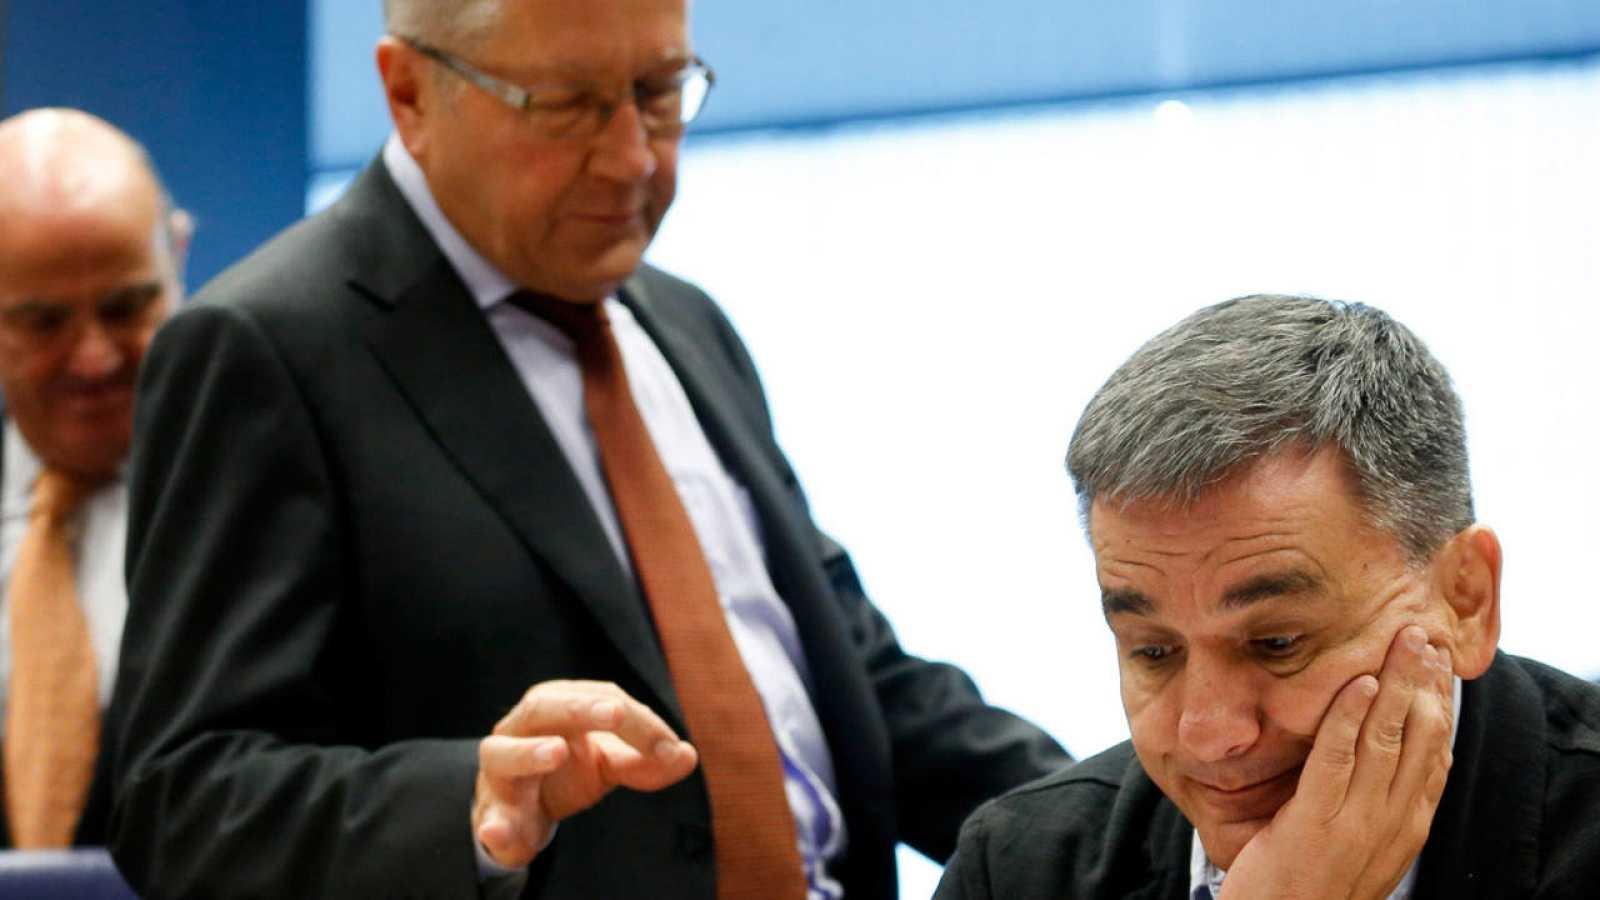 El jefe del Mecanismo Europeo de Estabilidad (MEDE), Klaus Regling, habla con el ministro de Finanzas de Grecia, Euclides Tsakalotos, durante el Eurogrupo